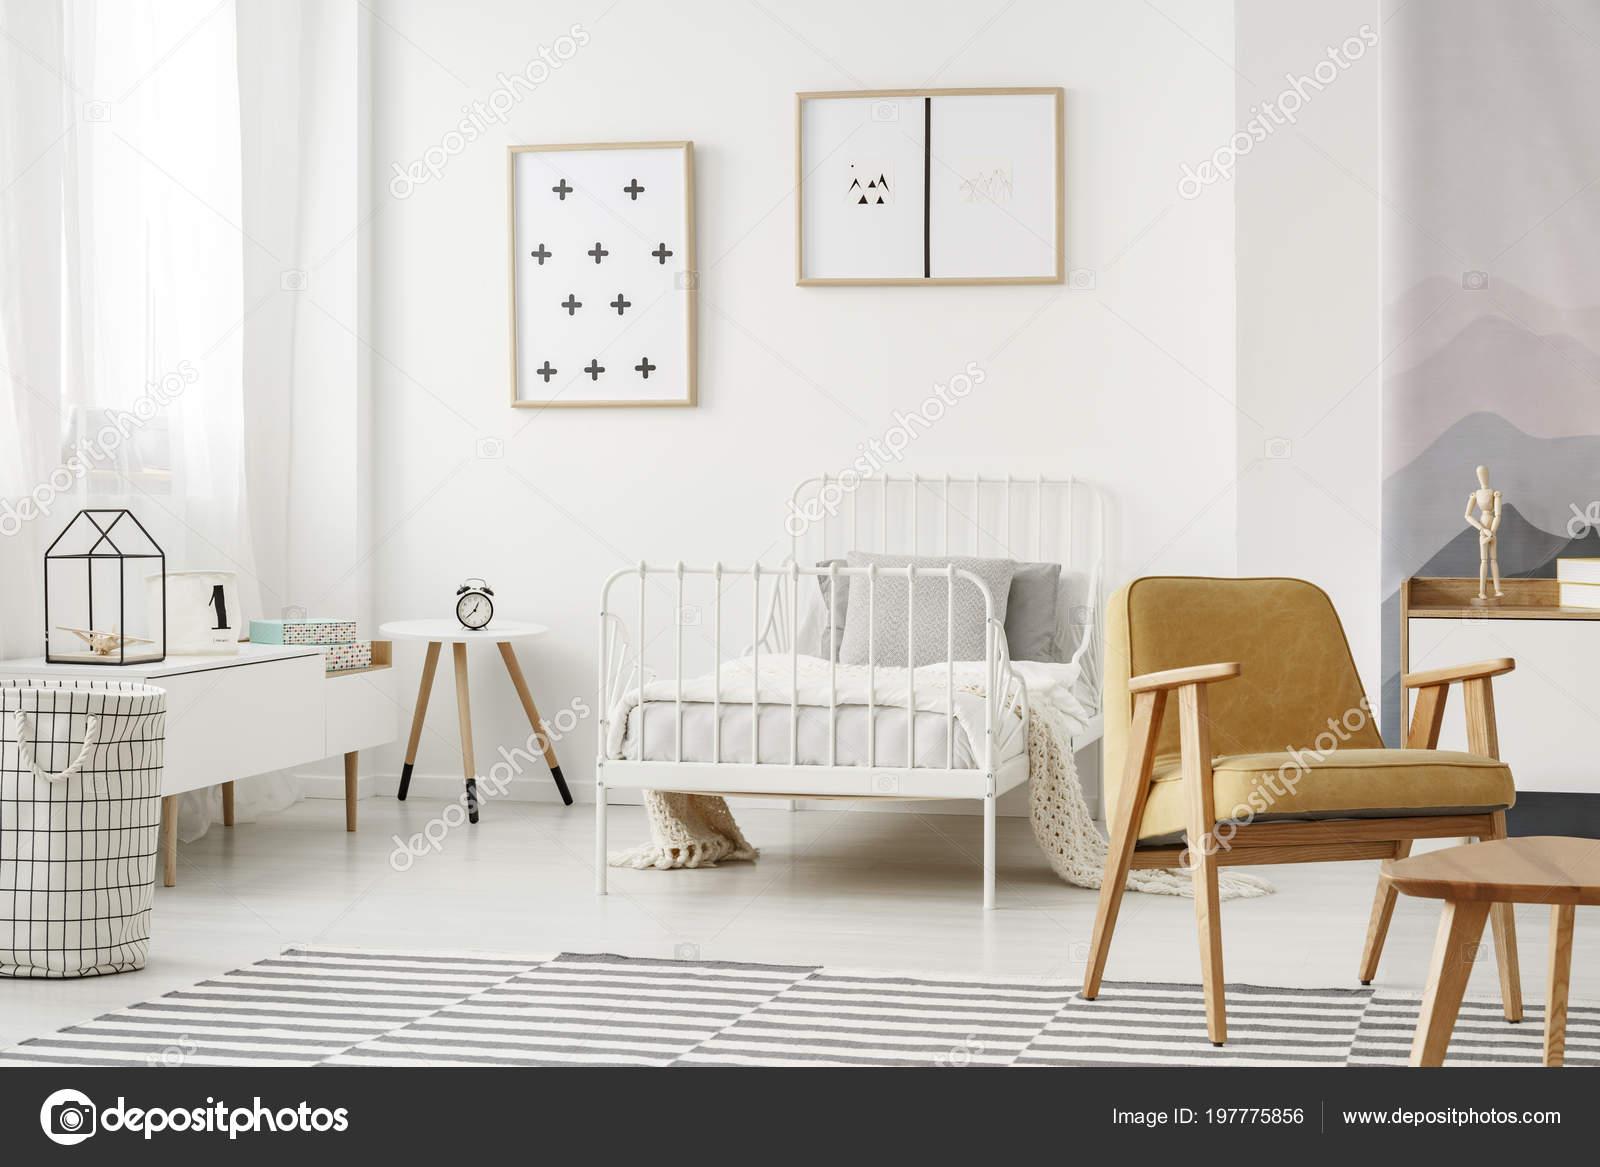 Minimalistische Interieur Inrichting : Minimalistische ingelijste posters een witte muur een noordse